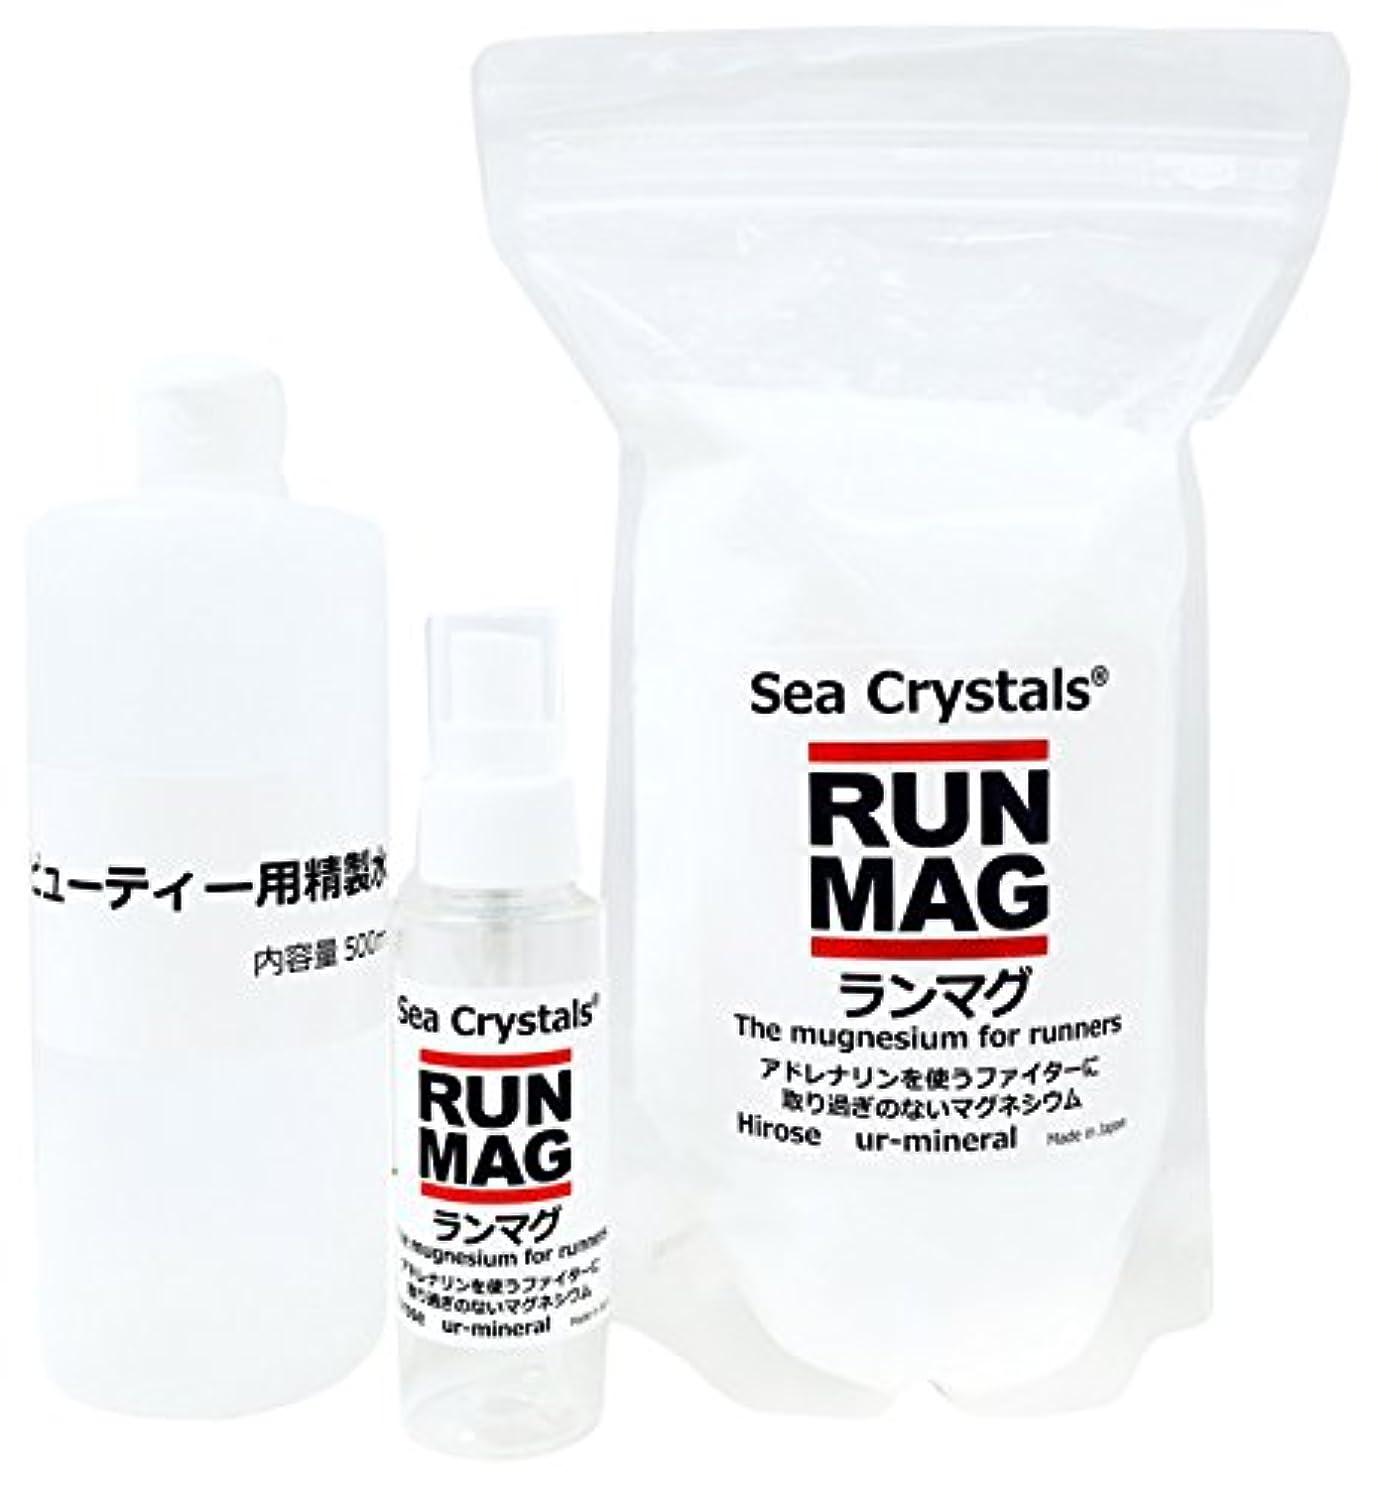 作曲家北へ手首ランマグ?マグネシウムオイル 500g 化粧品登録 日本製 1日マグネシウム360mg使用  精製水付き